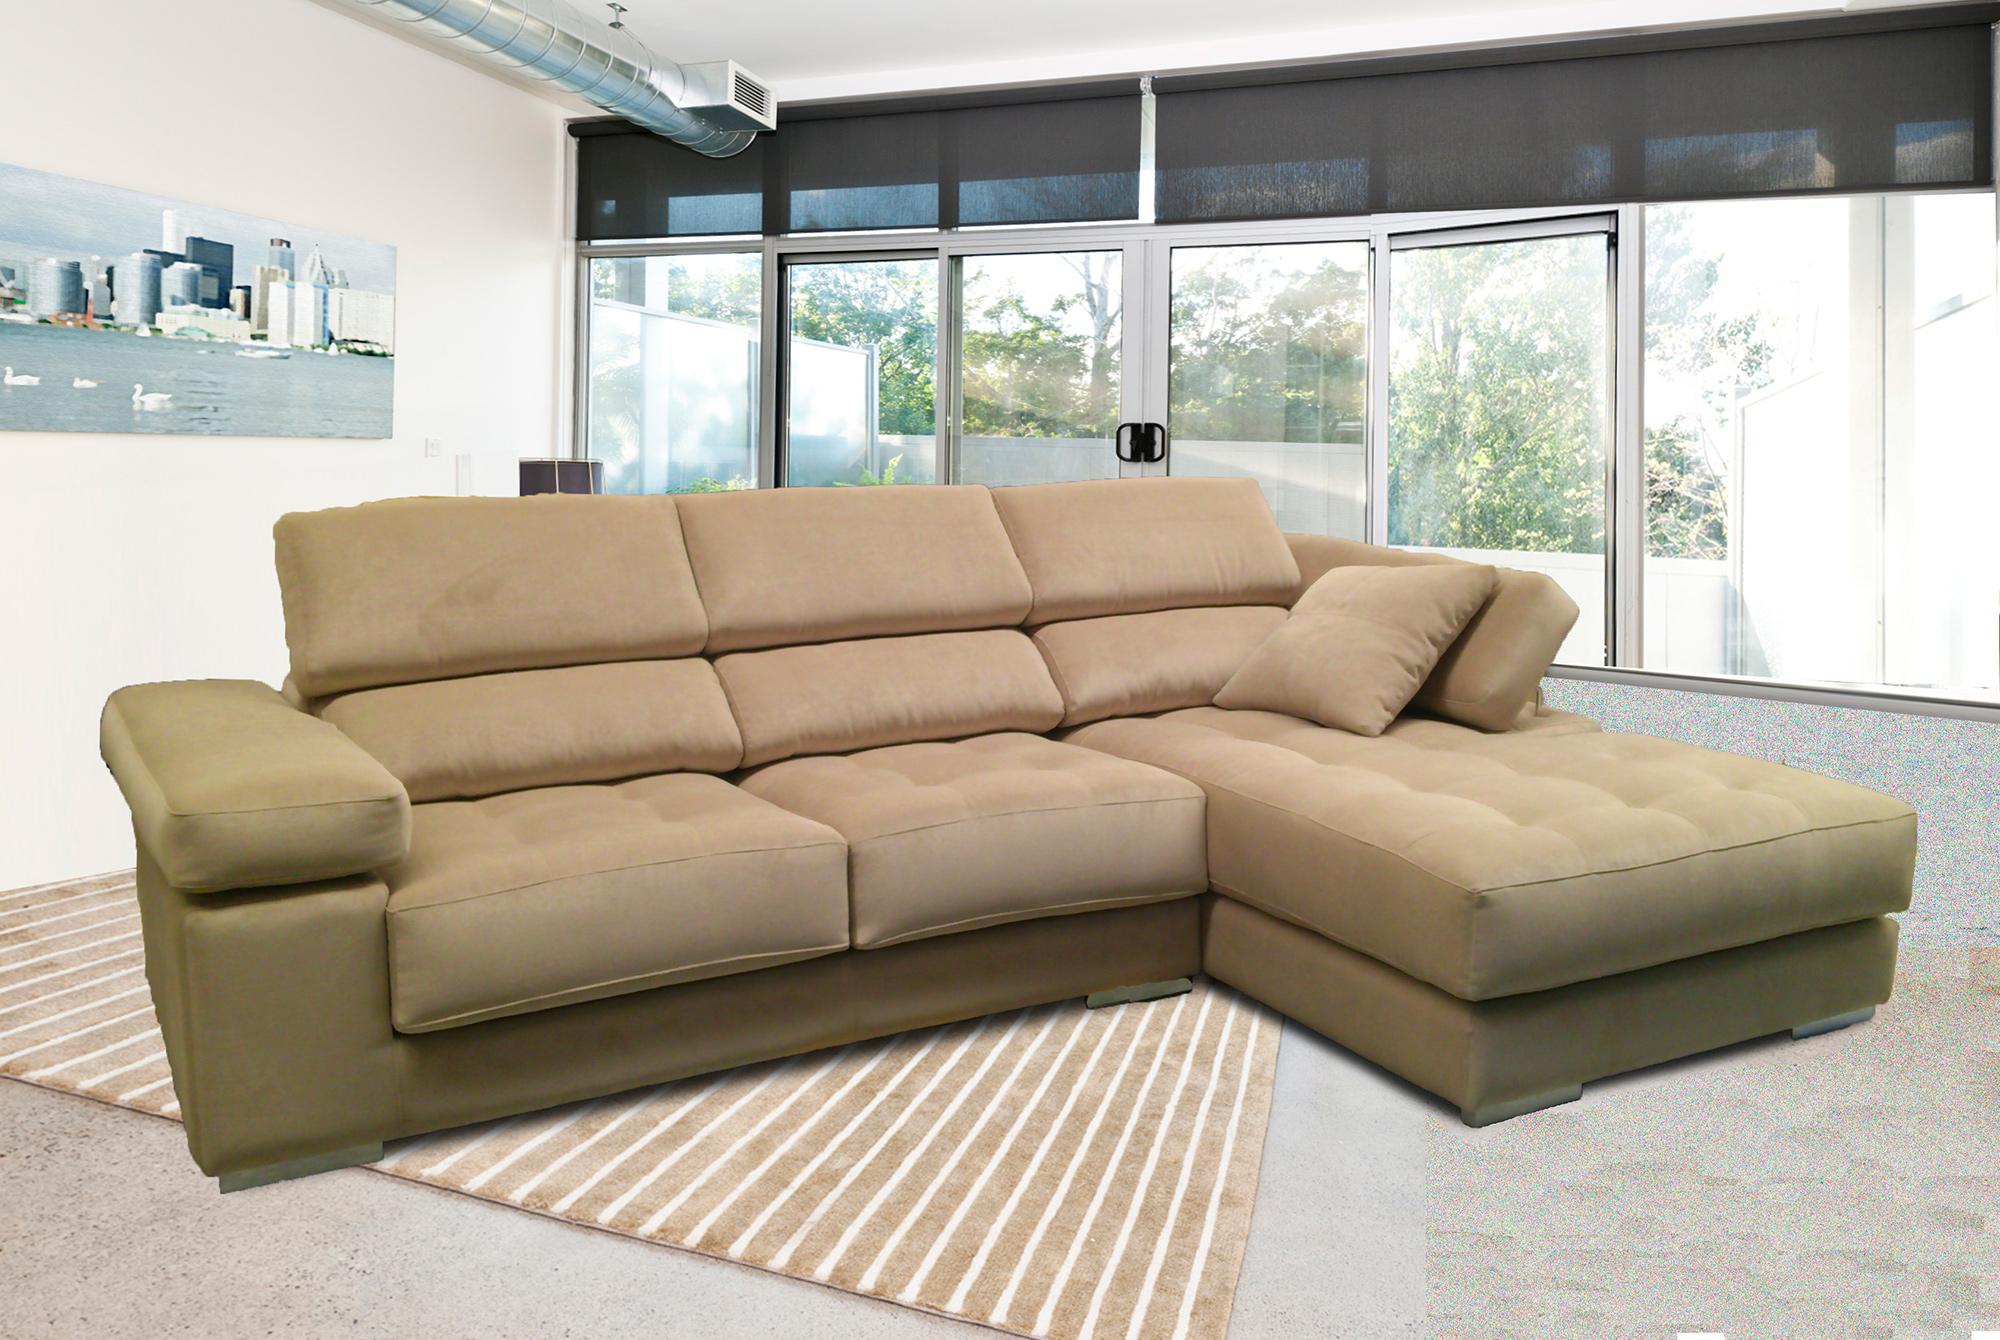 Ntimo y personal novatel sof s tapizados de calidad for Sofas de calidad en madrid